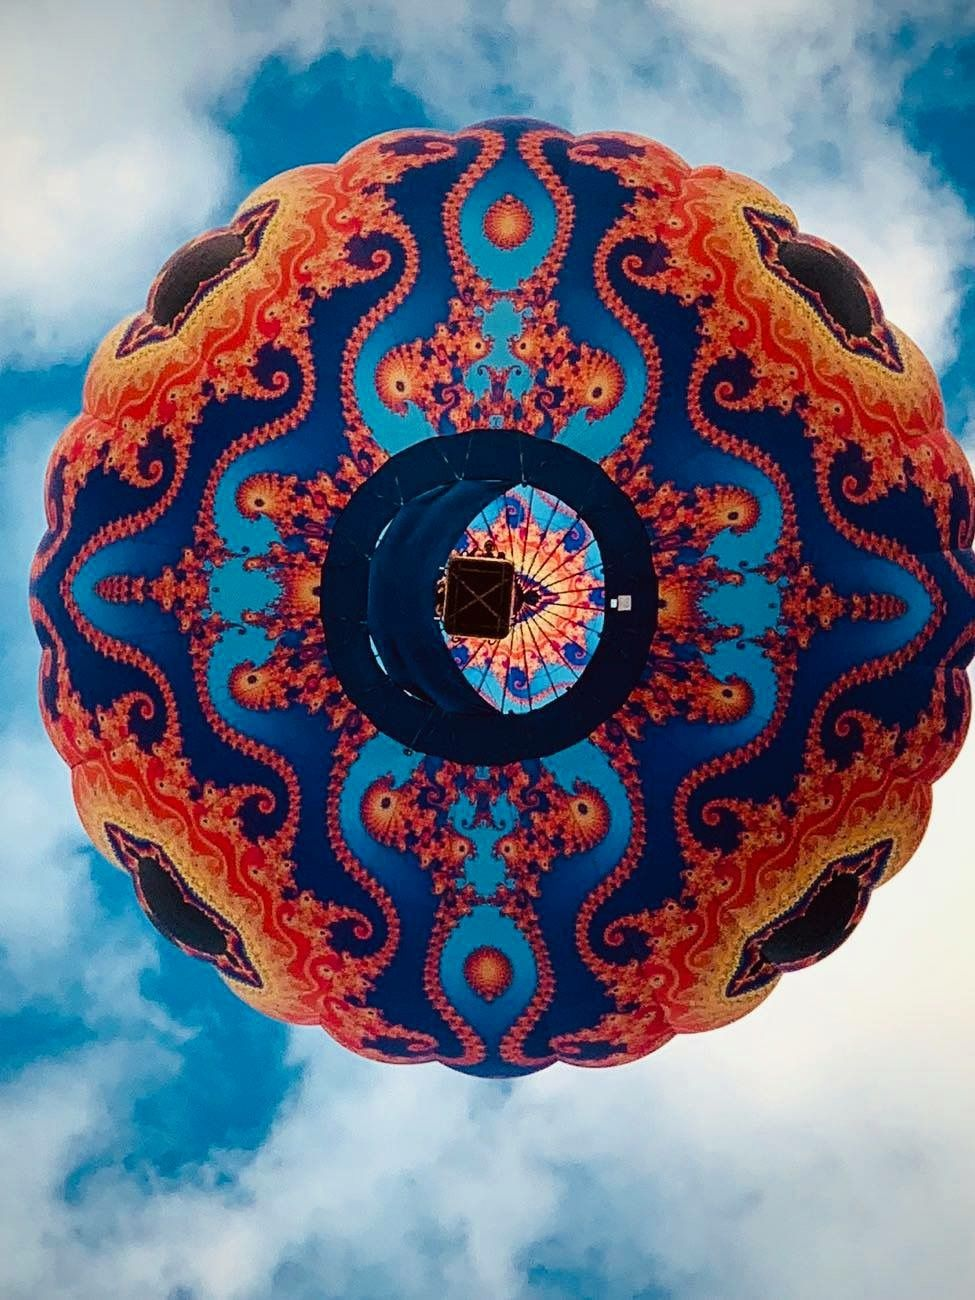 Albuquerque balloon festival image by Marlon Long on